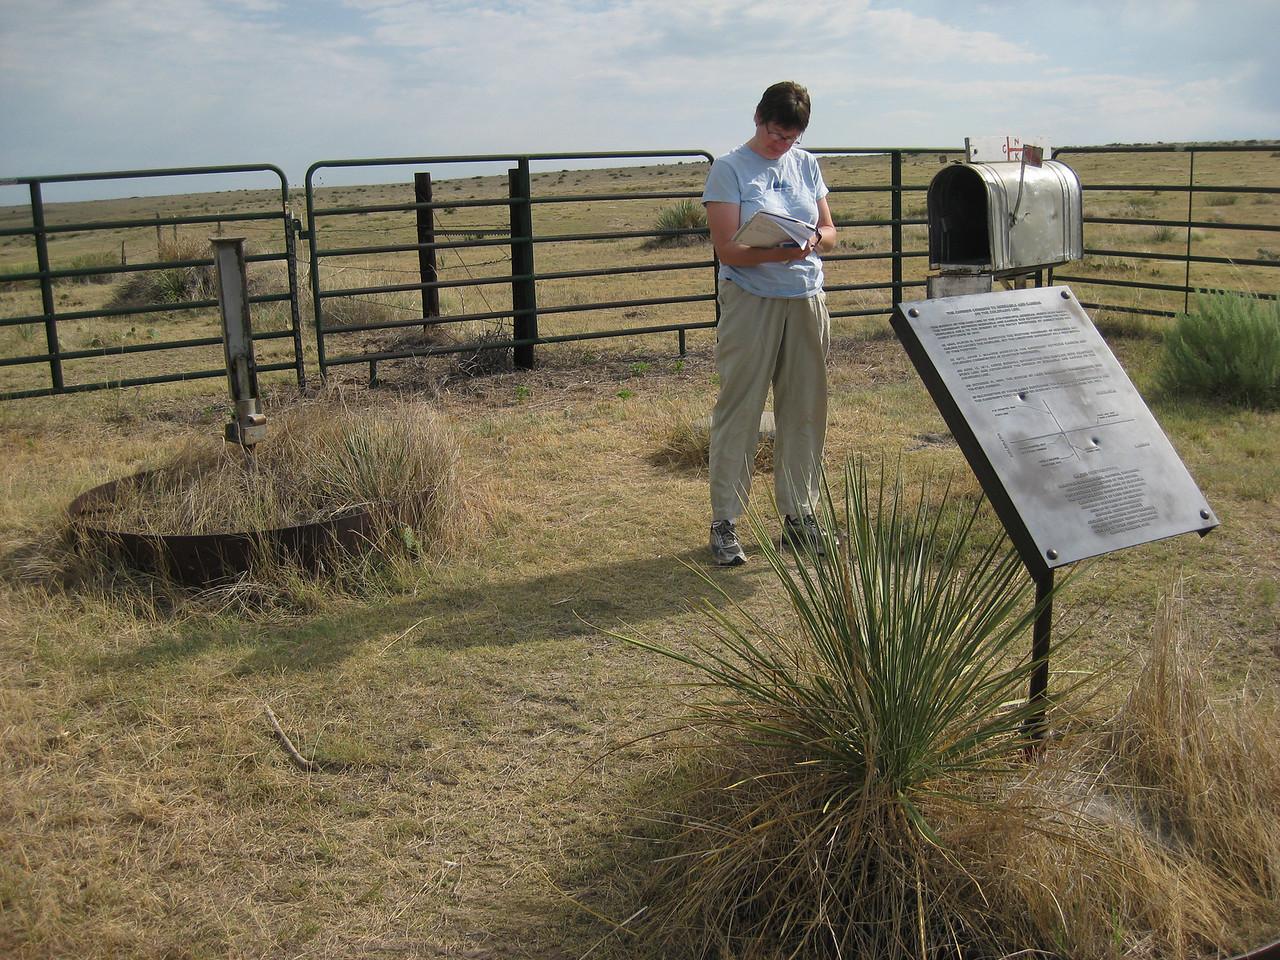 GPS Field Campaign, Rio Grande Rift Project, Eastern Colorado, July 2008<br /> <br /> Boundary Mon Co KS NE, 40.0032, -102.052